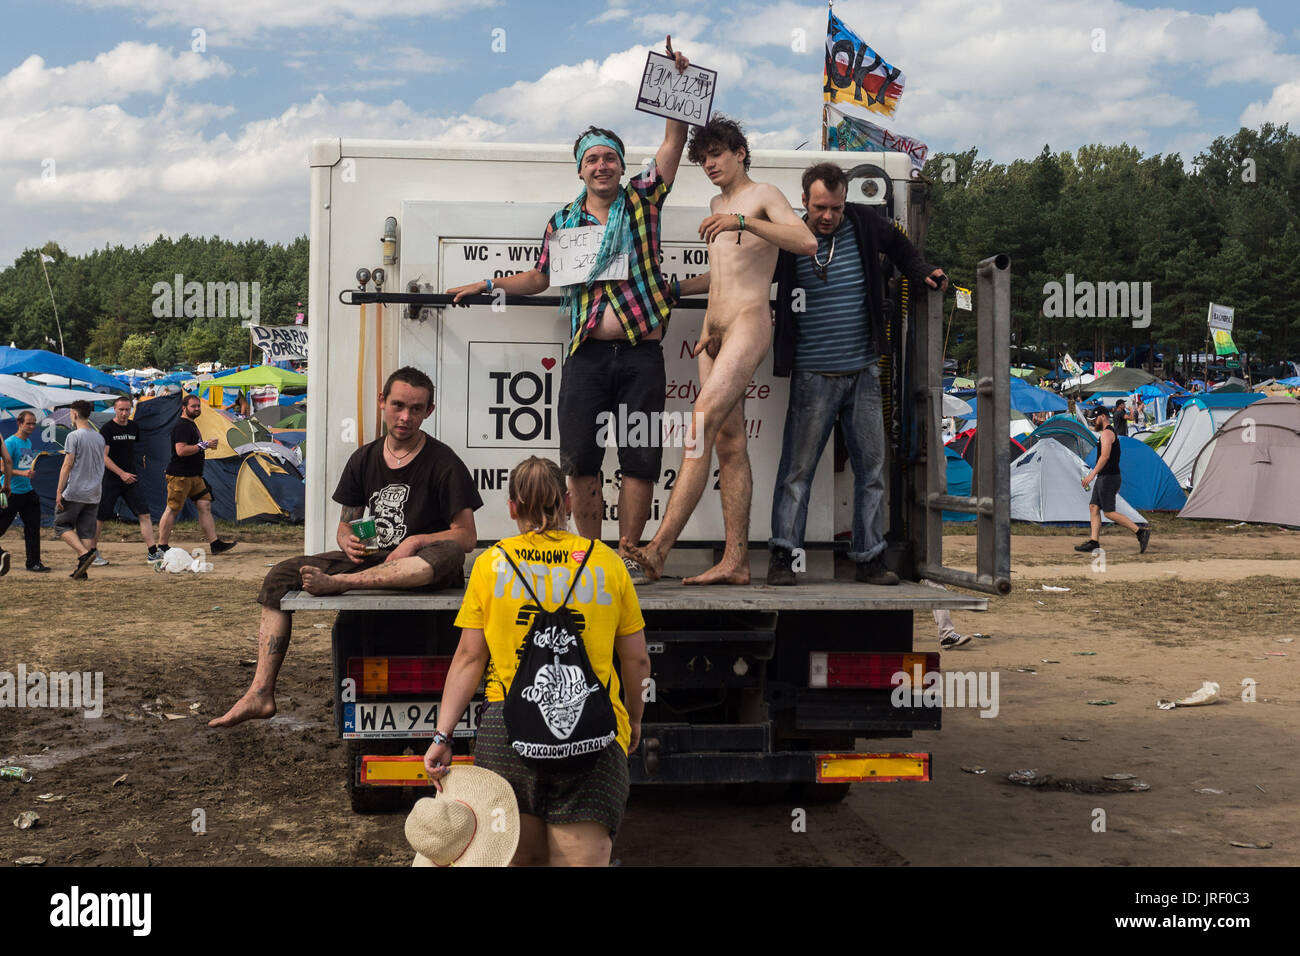 Wroclaw, Polonia. 4 de agosto, 2017. Festival de Woodstock es el mayor festival de música en Polonia. Cada año Kostrzyn atrae a unos 200 mil personas para jugar con la contraseña, el amor, la amistad y la música. Kostrzyn, Polonia. Crédito: Krzysztof Kaniewski/Zuma alambre/Alamy Live News Imagen De Stock